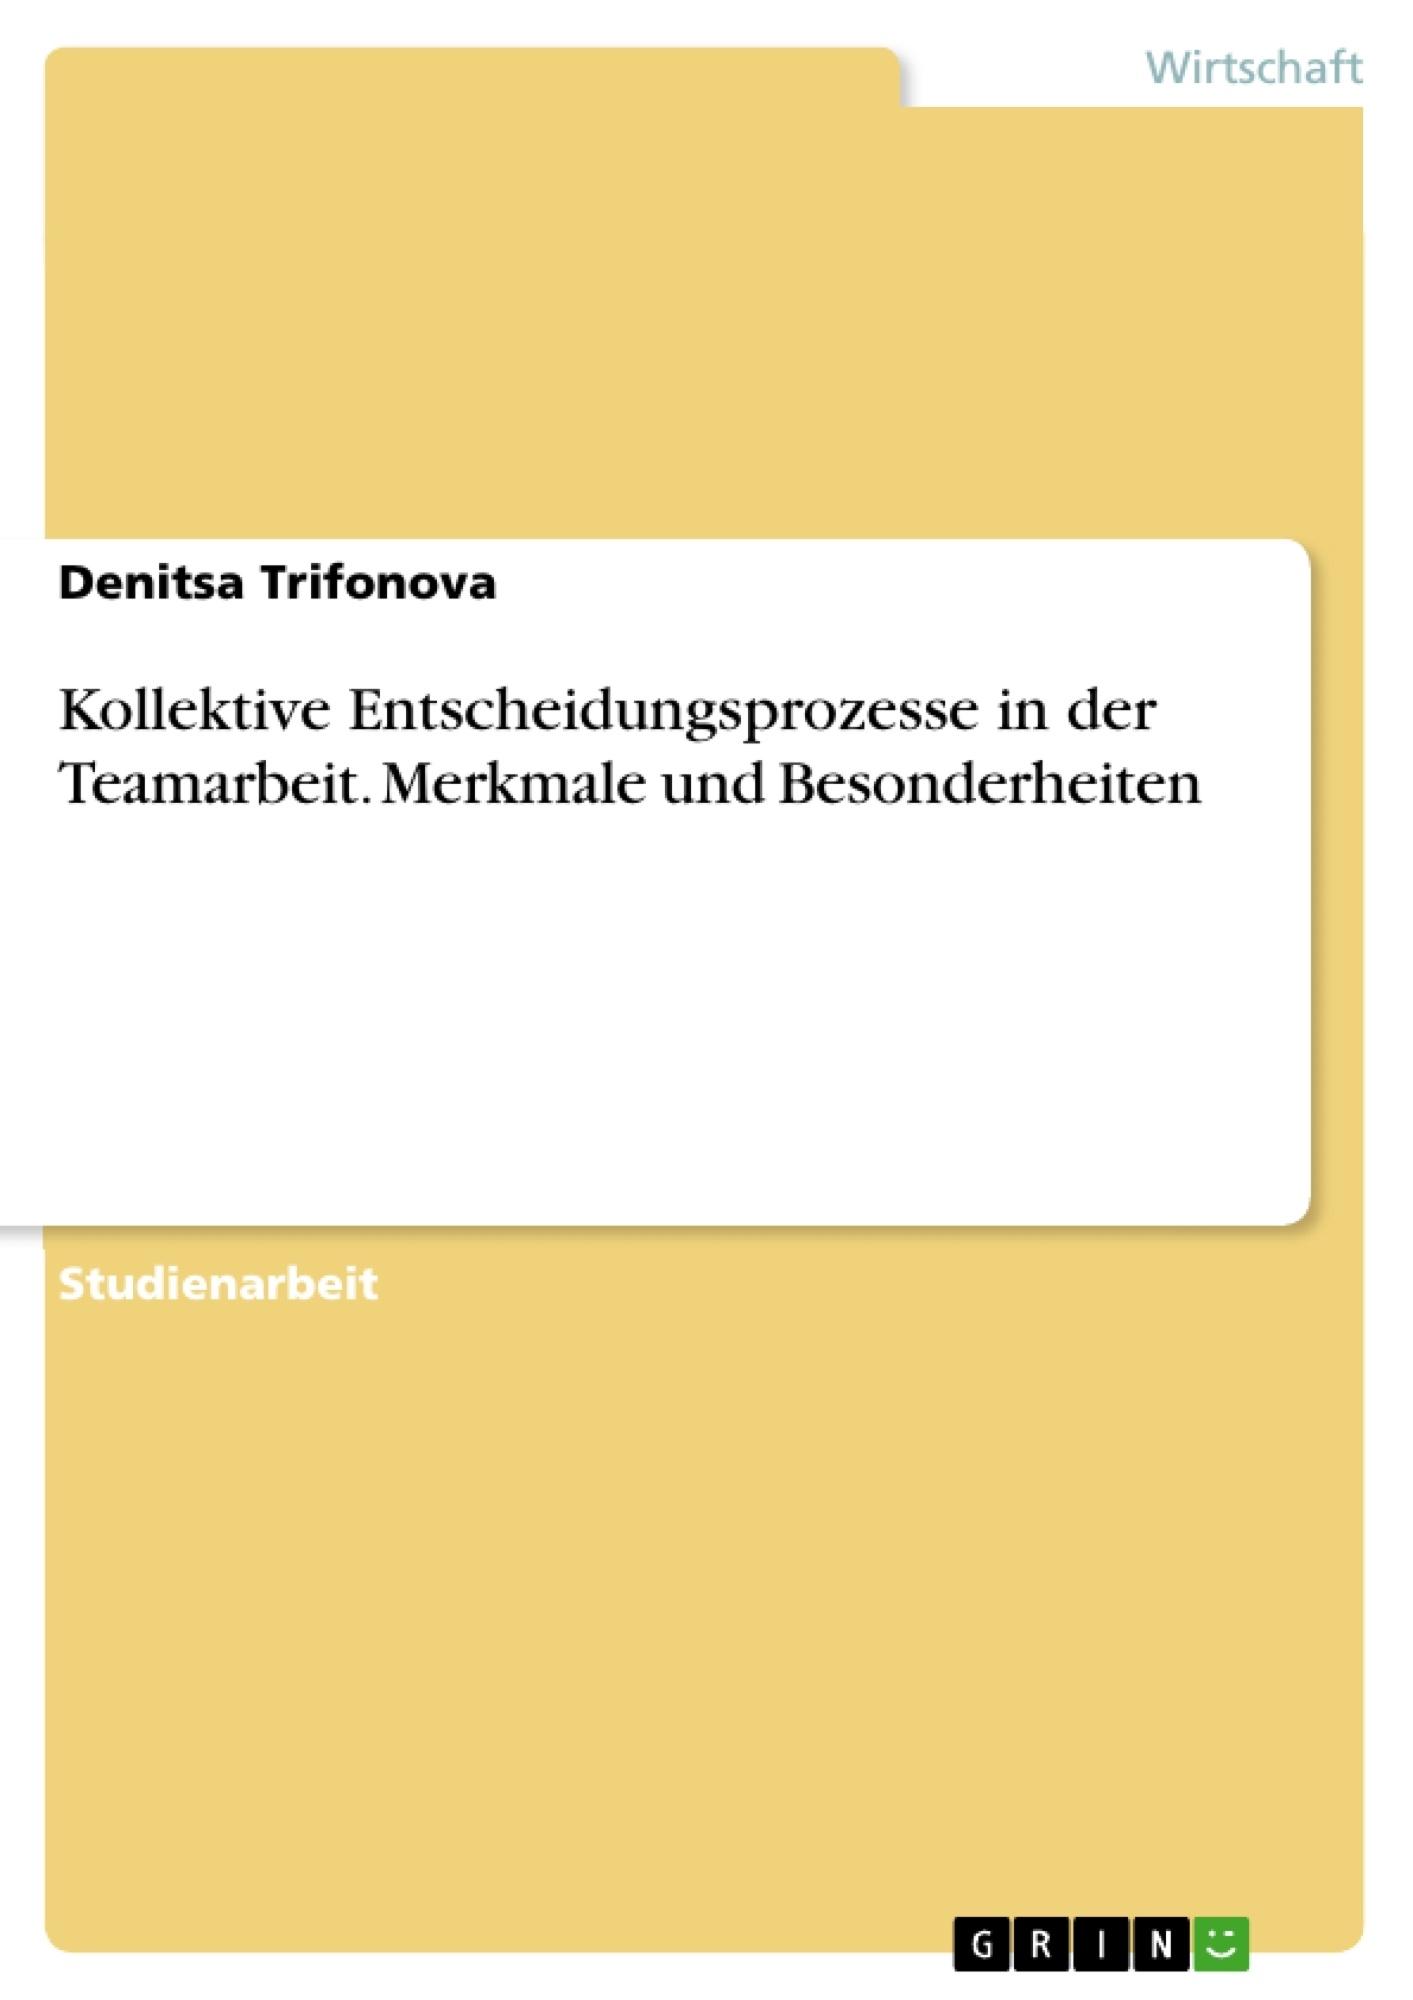 Titel: Kollektive Entscheidungsprozesse in der Teamarbeit. Merkmale und Besonderheiten